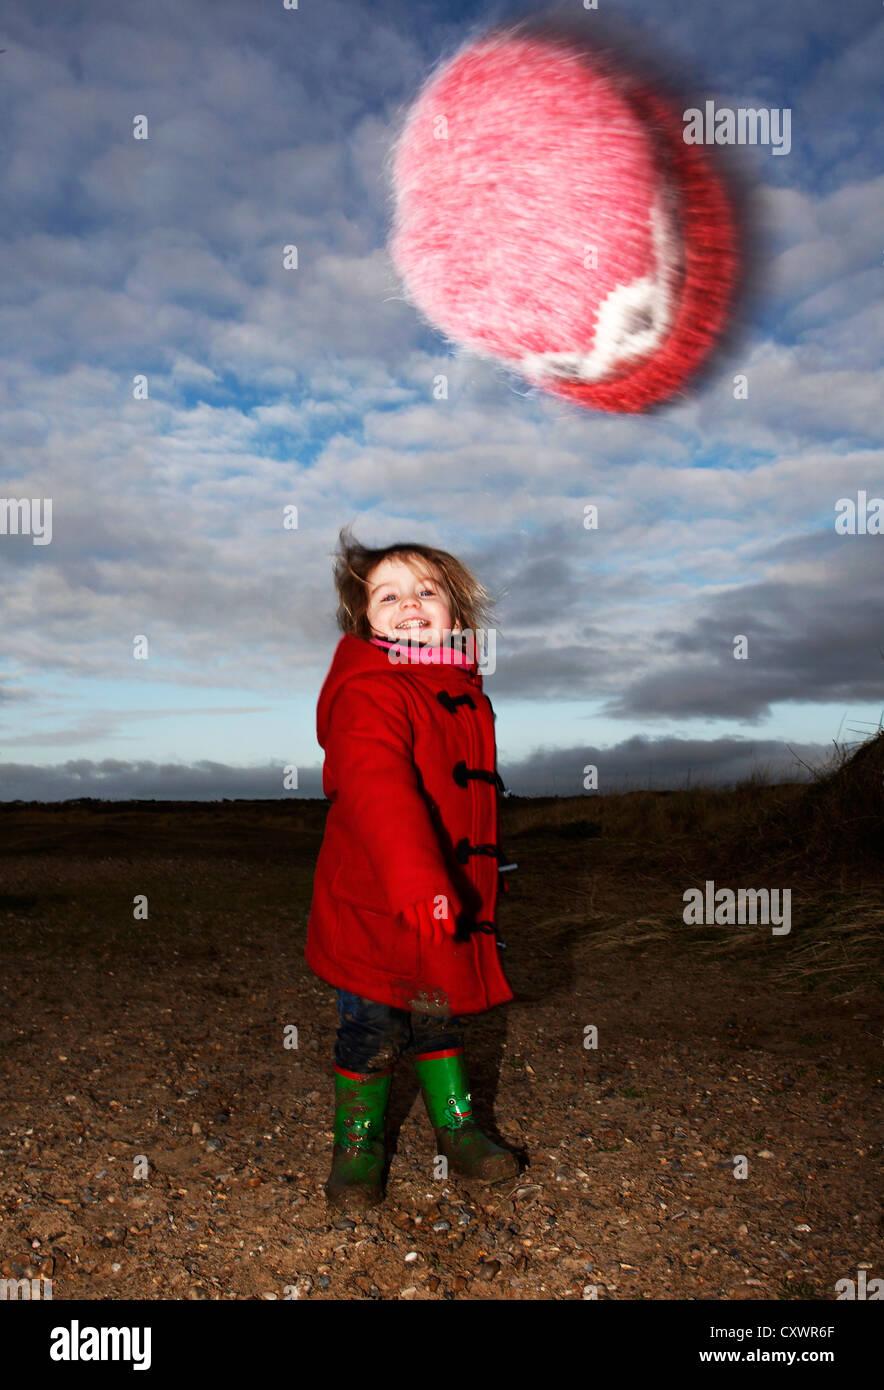 Niña jugando con fuzzy hat afuera Imagen De Stock